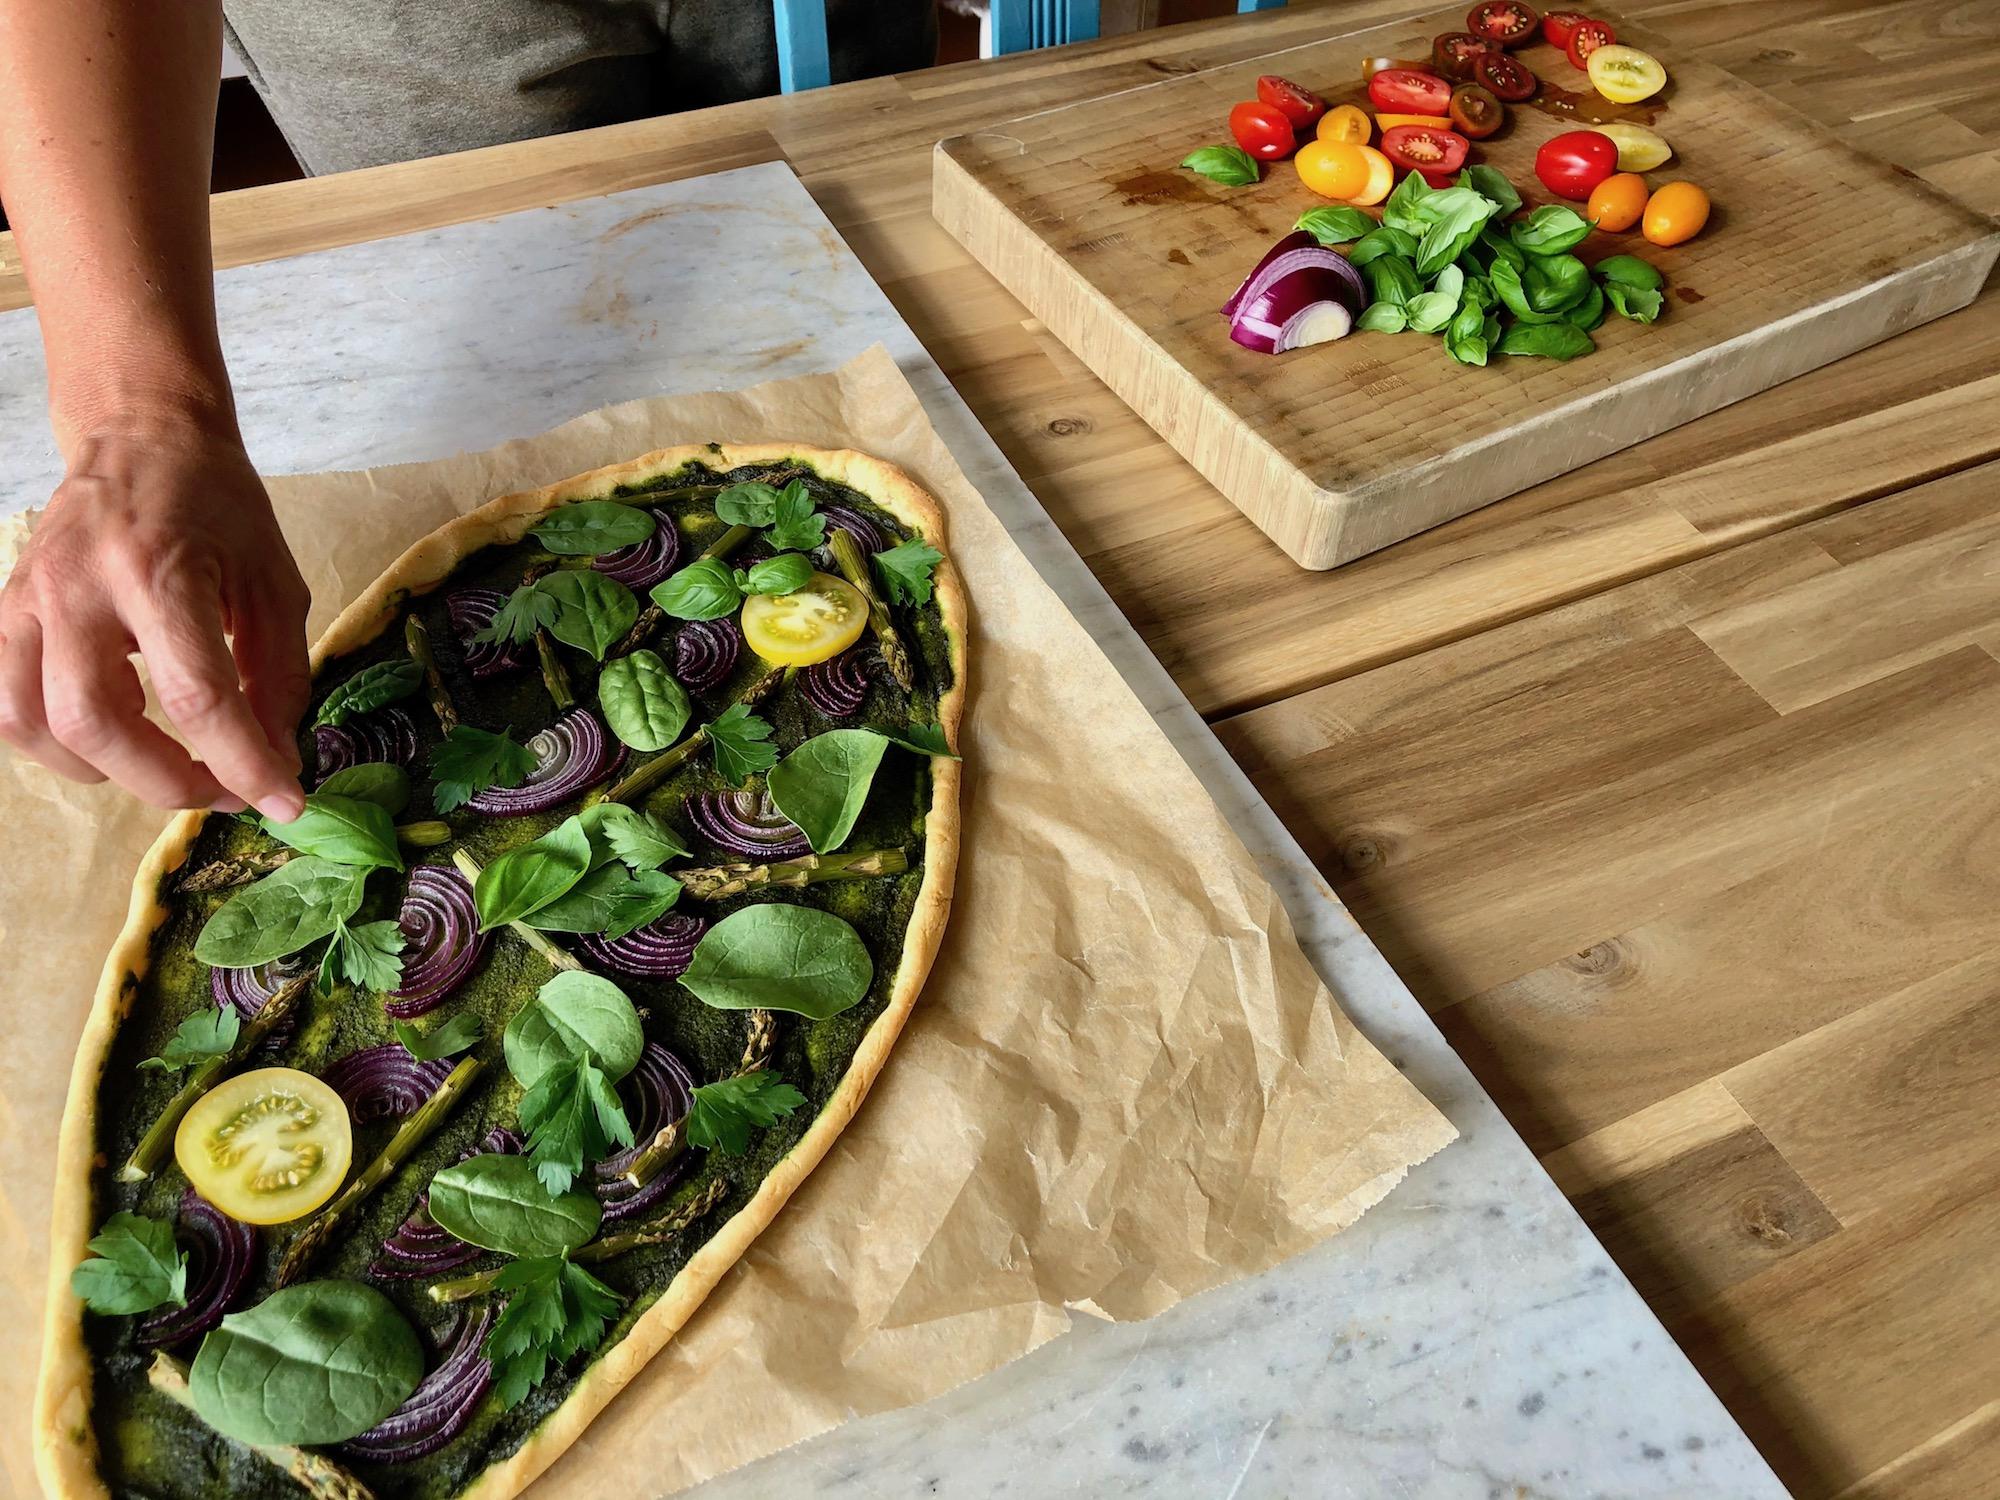 Toppar den gröna pizzan med babyspenat, örter och tomat